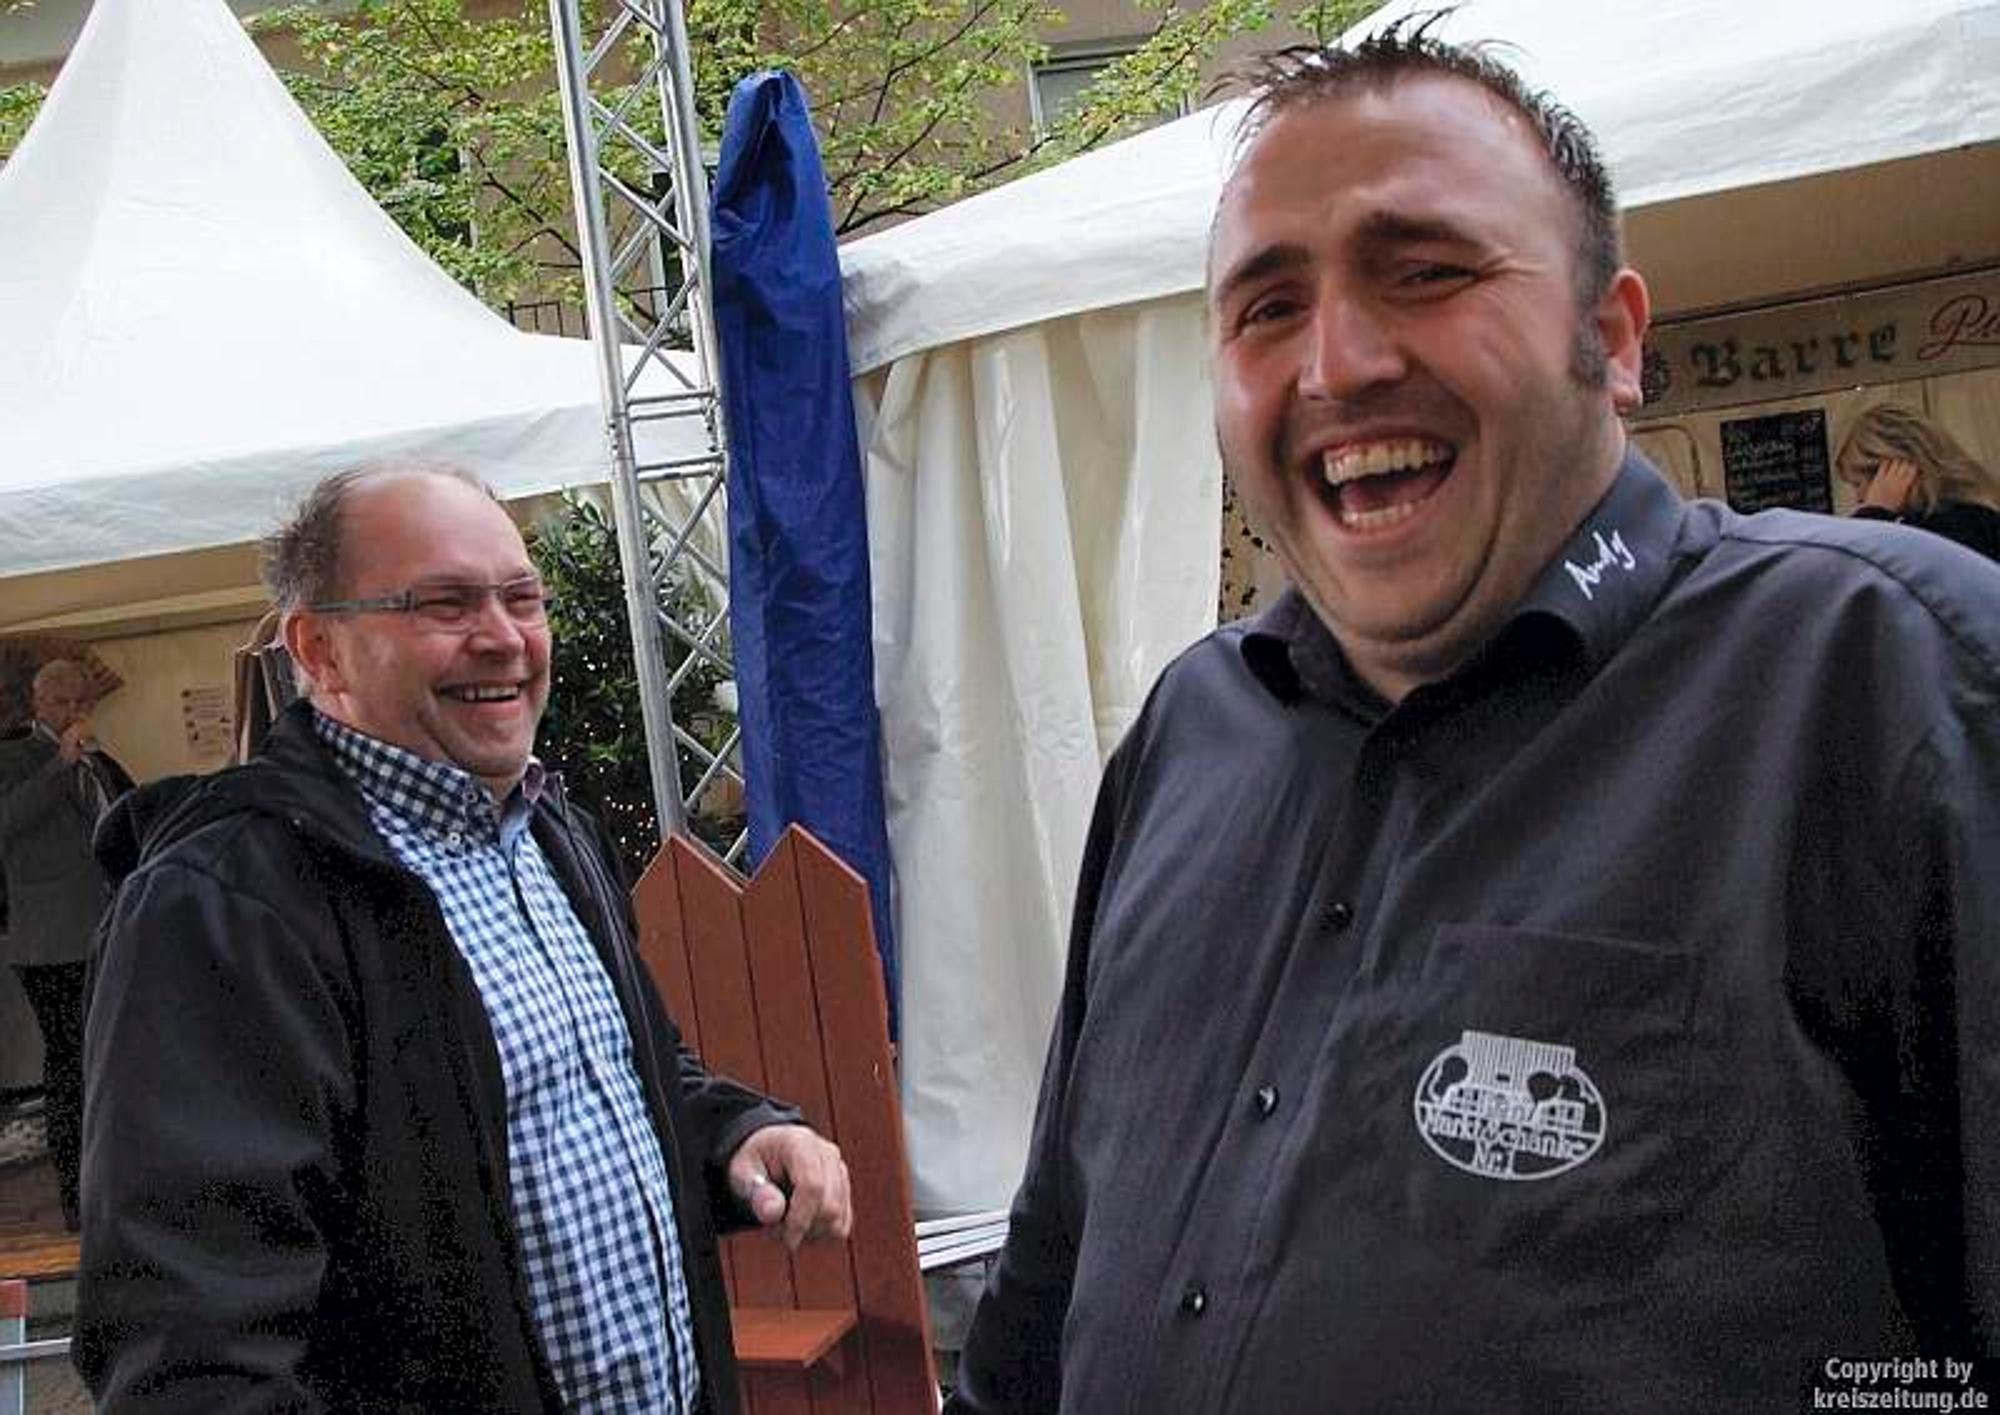 """Rahden kocht über"""" leidet unter Regen und Kälte / Sieben Gastronomen ..."""